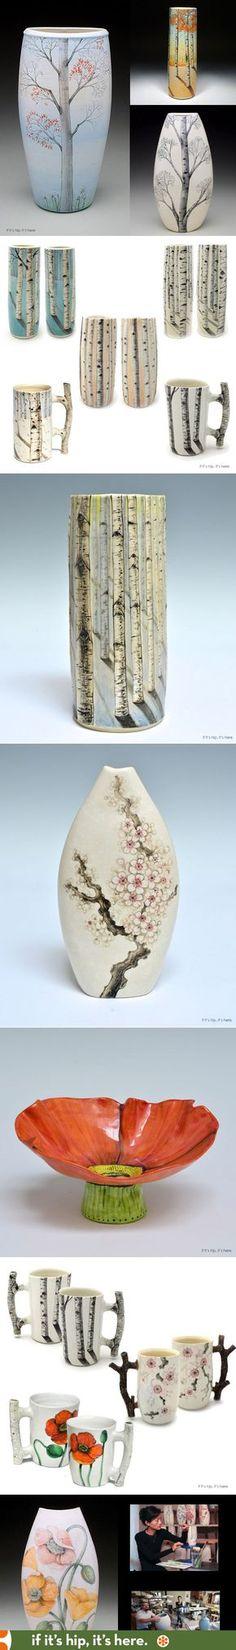 Hand-painted Porcelain by Heesoo Lee at http://www.ifitshipitshere.com/pretty-porcelain-vessels-heesoo-lee/